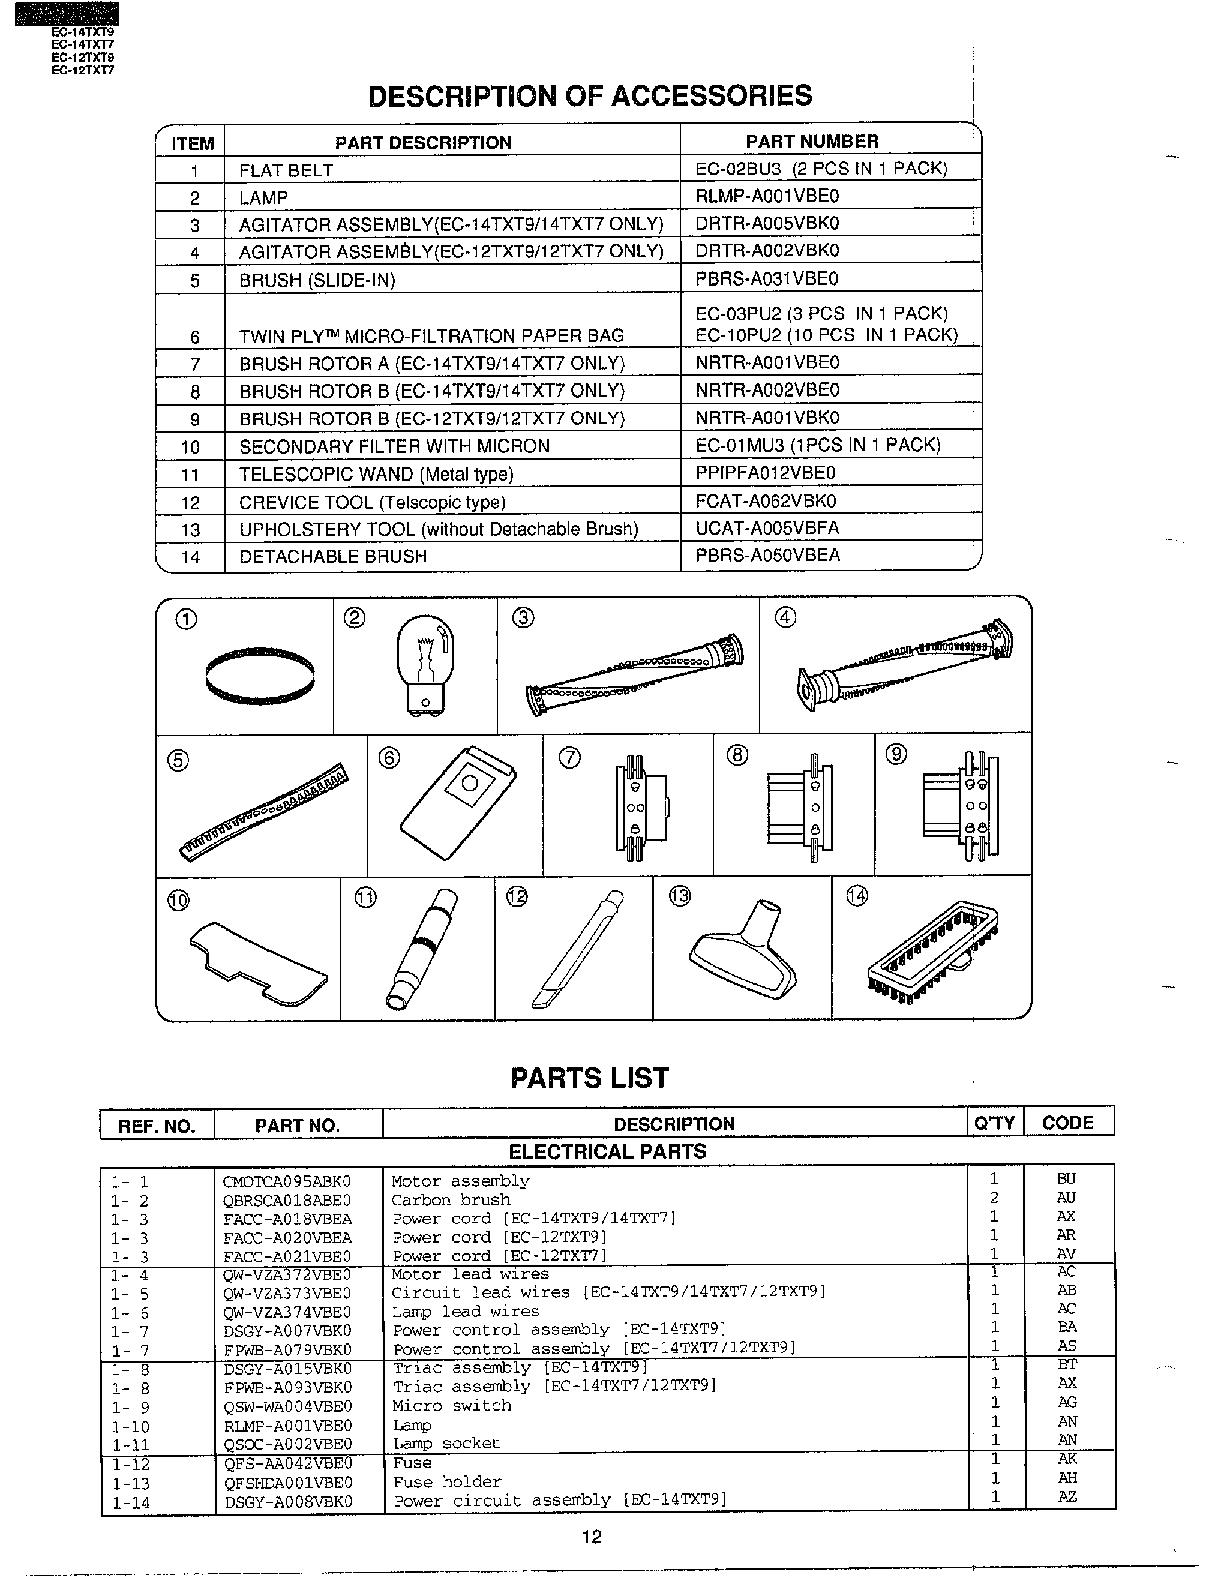 Sharp model EC-14TXT9 vacuum, upright genuine parts